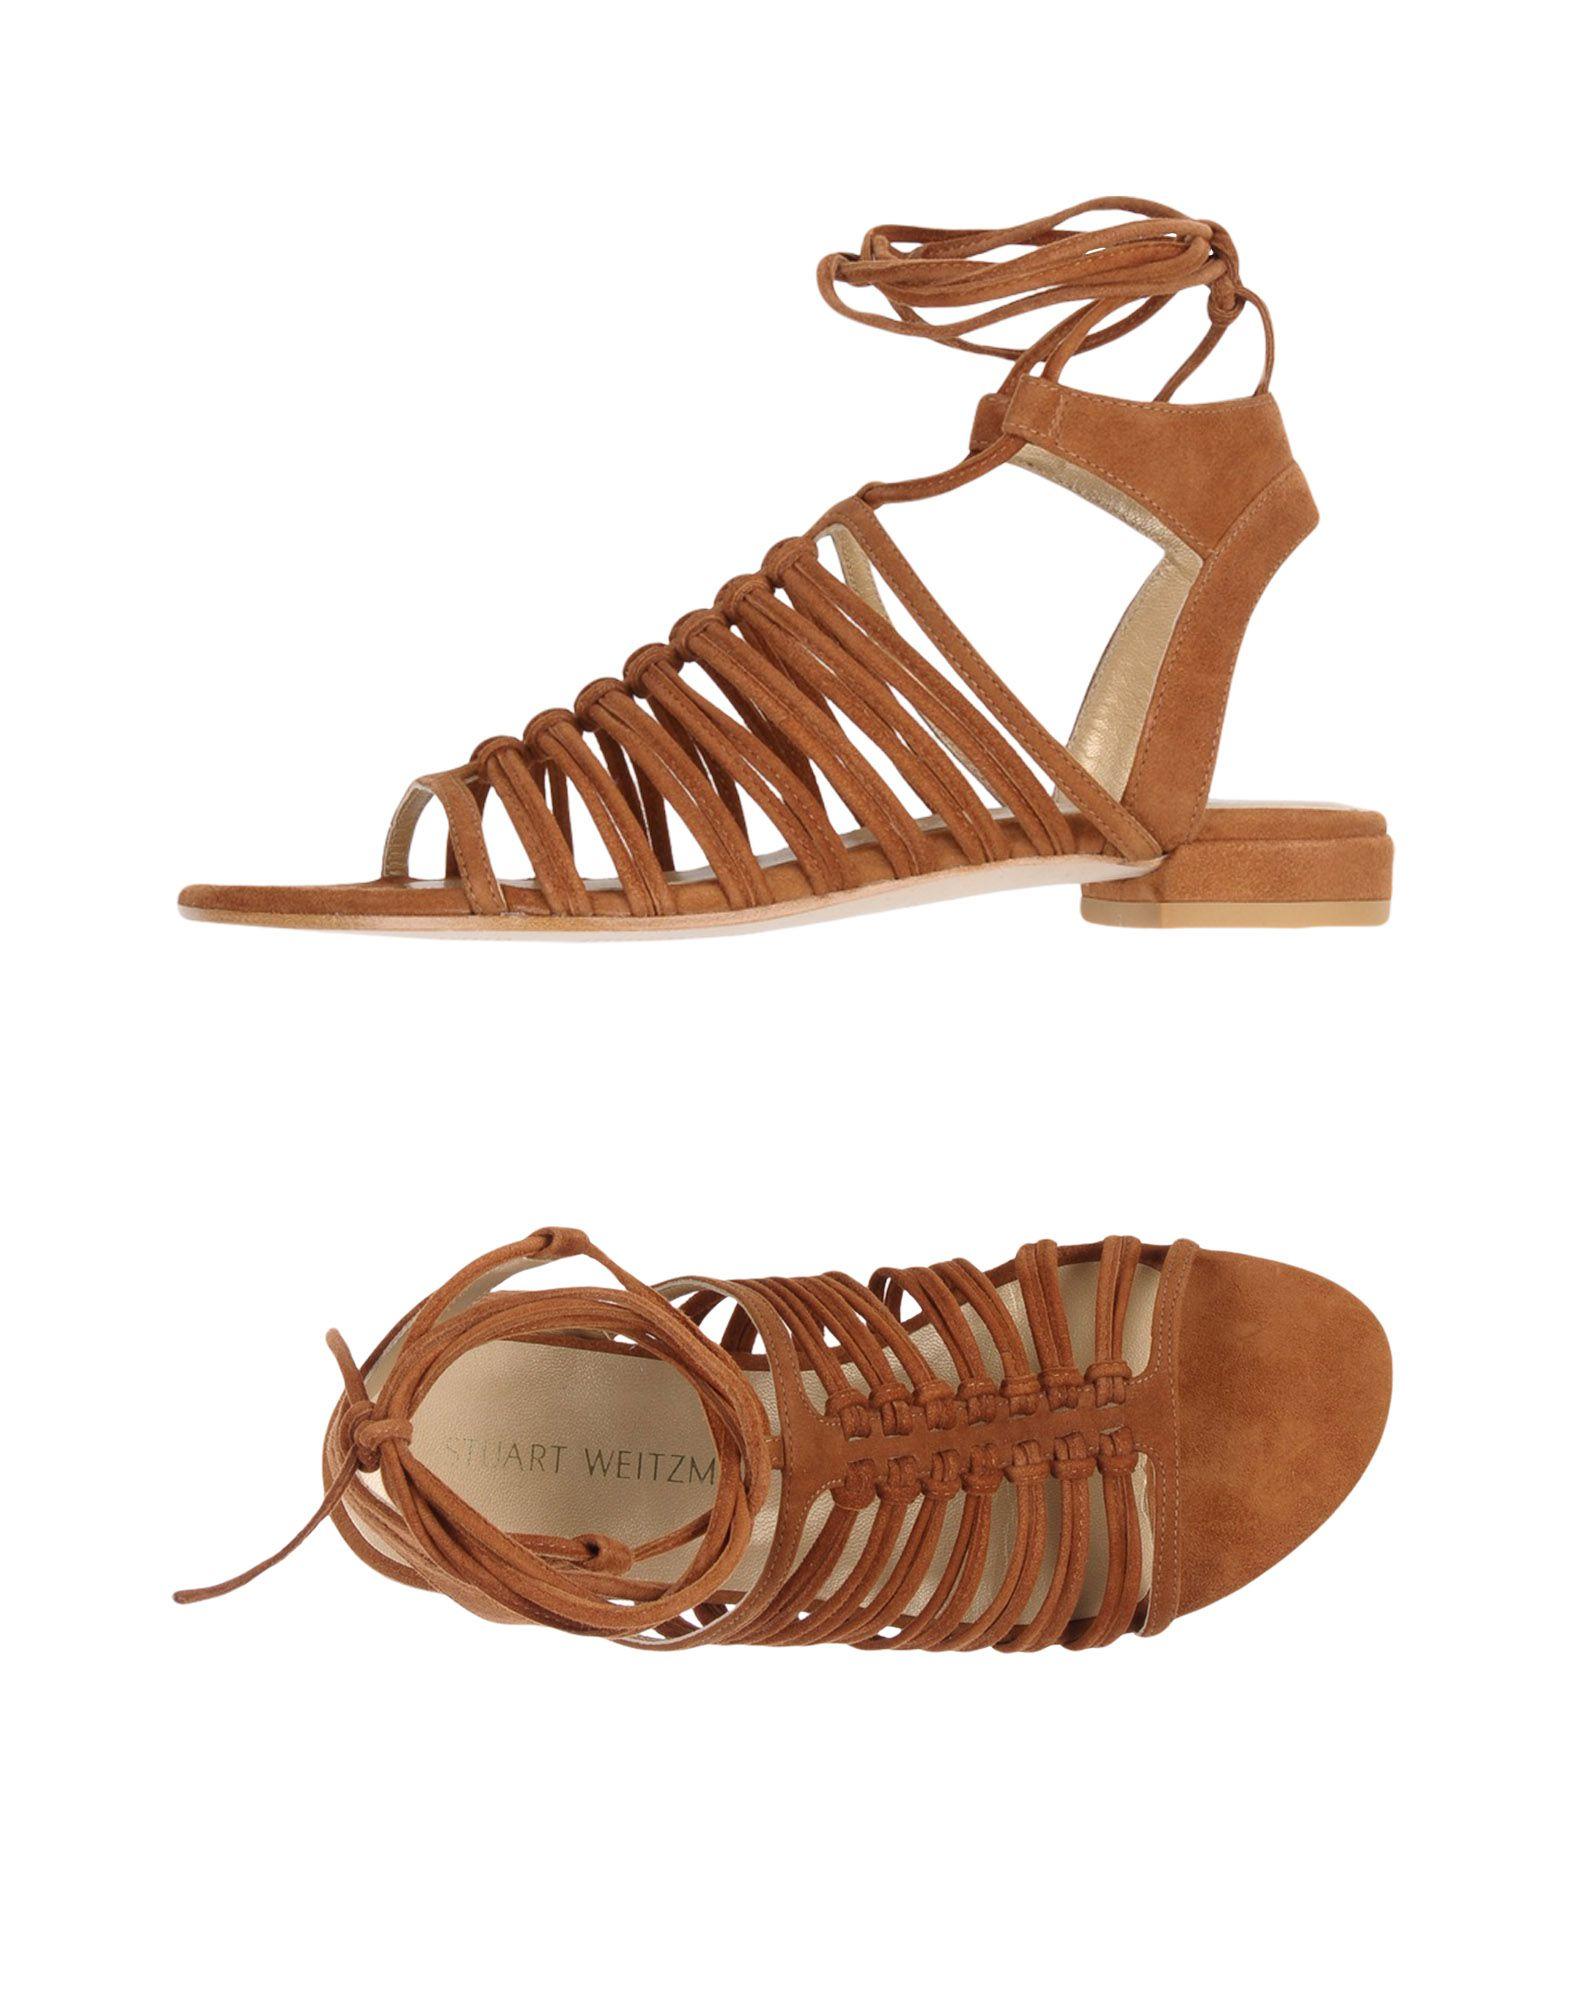 STUART WEITZMAN Damen Sandale Farbe Braun Größe 9 jetztbilligerkaufen